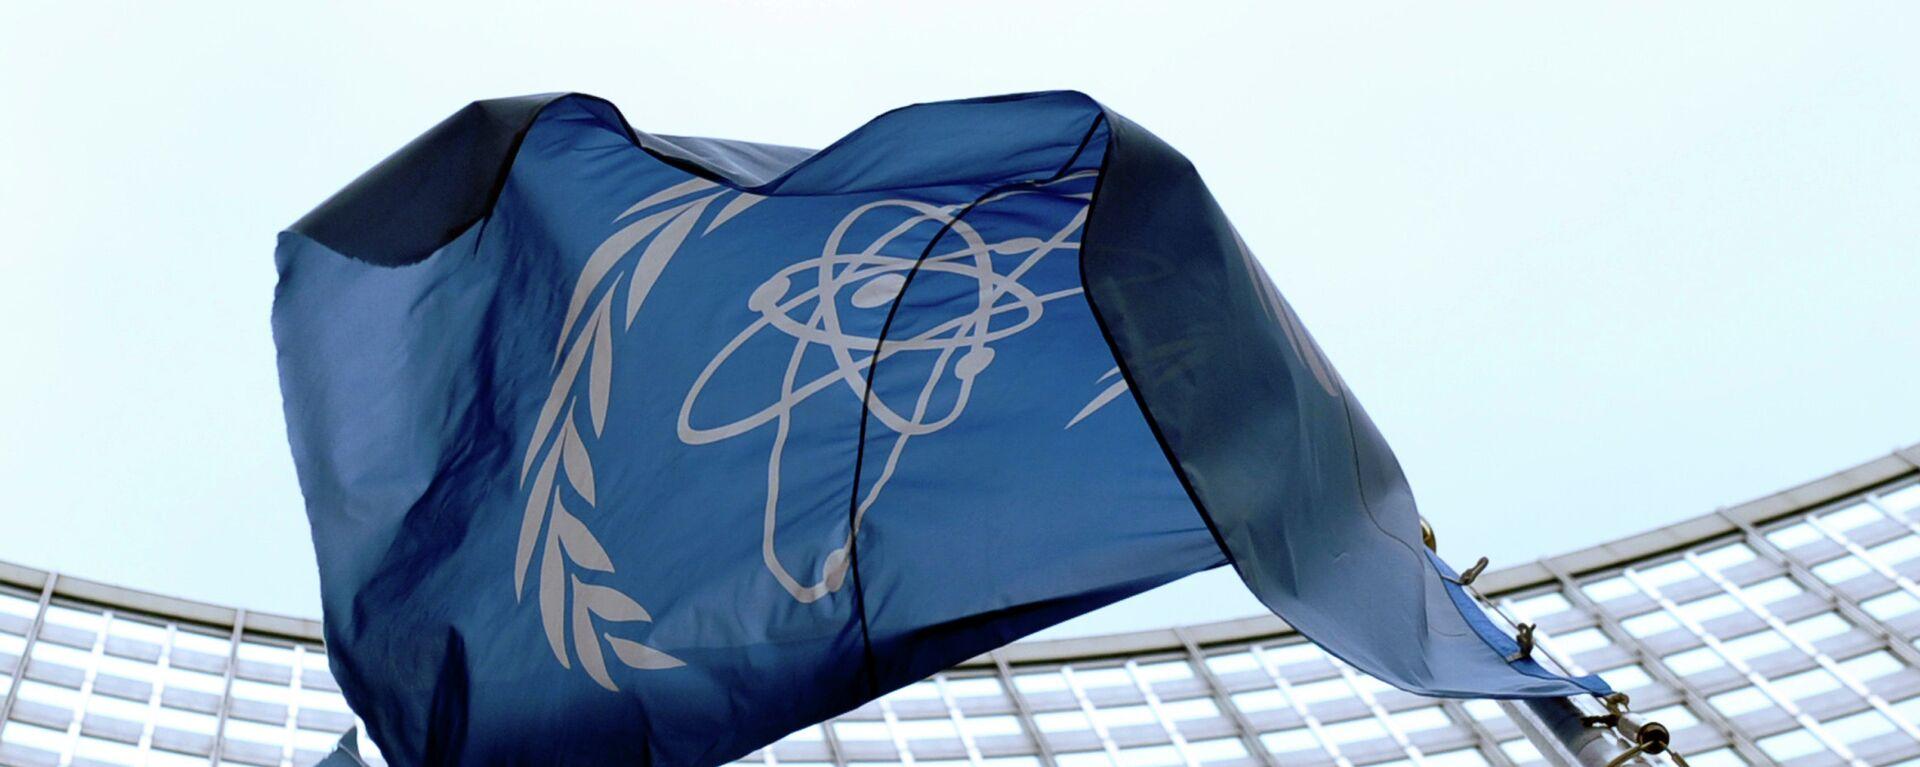 La bandera de la OIEA en Viena - Sputnik Mundo, 1920, 19.05.2021